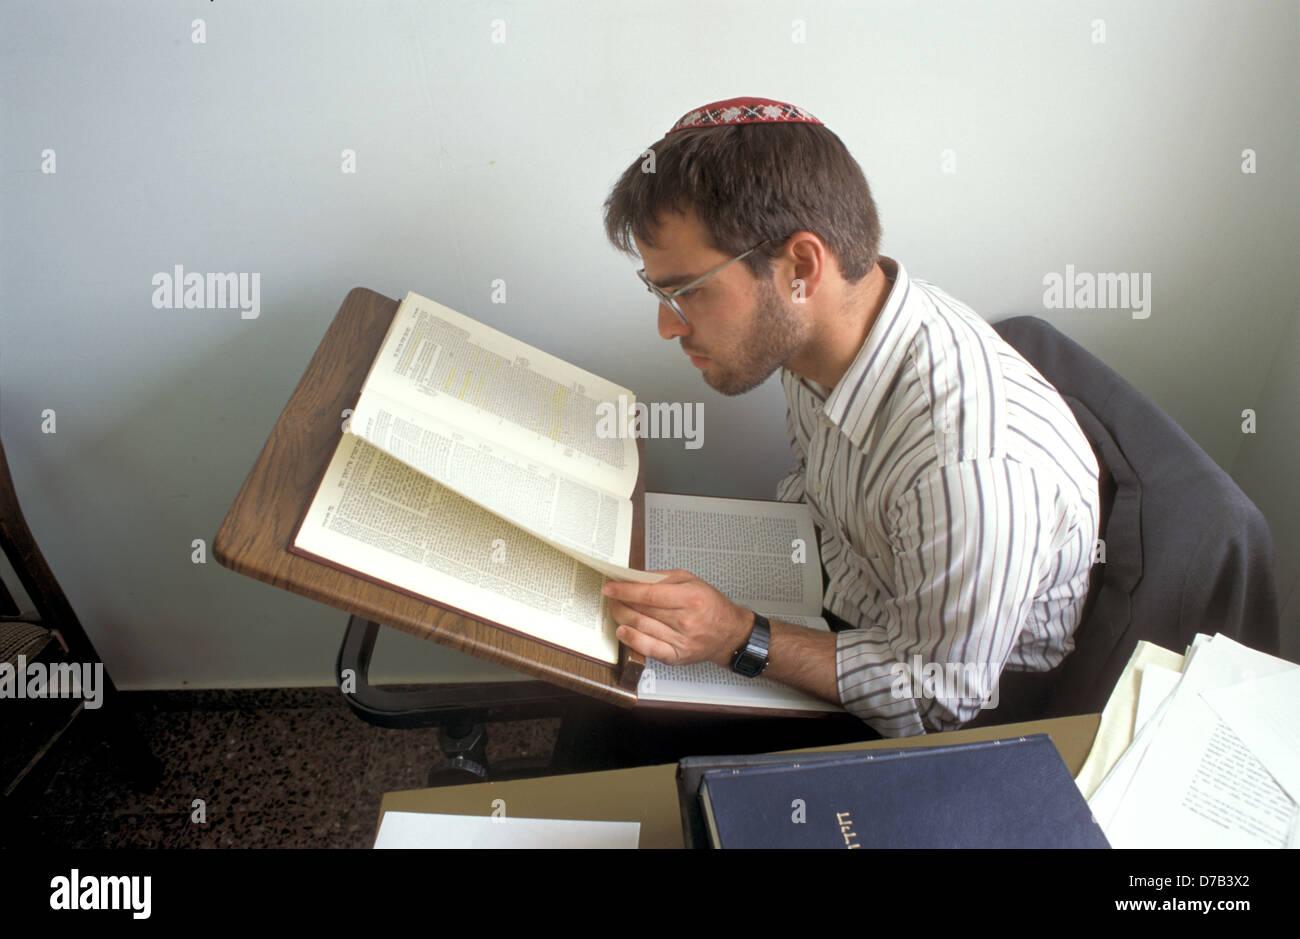 yeshiva student in efrat, gush etzion - Stock Image